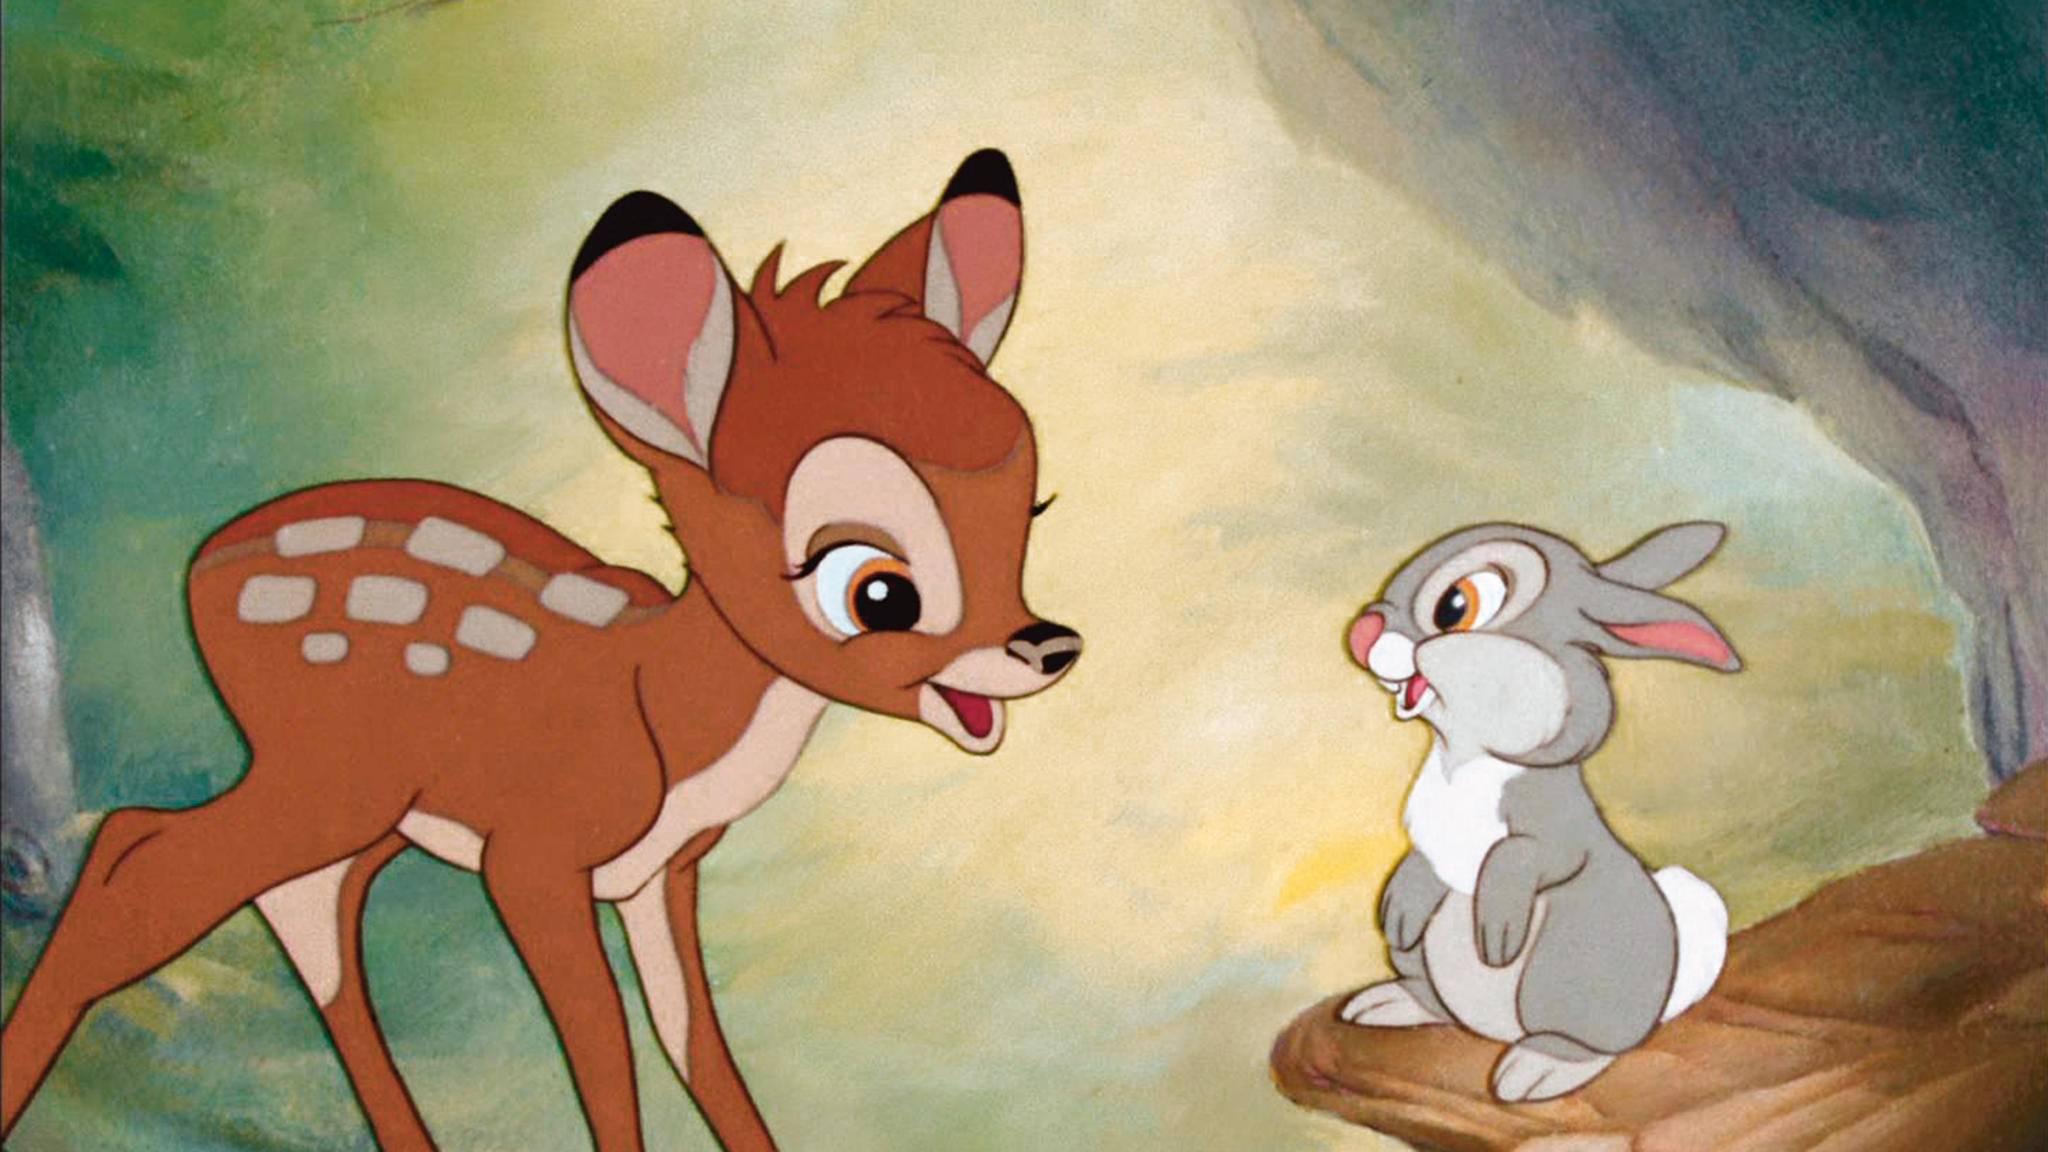 """Auch Disneyklassiker wie """"Bambi"""" sollen auf dem neuen Streamingdienst zu finden sein."""